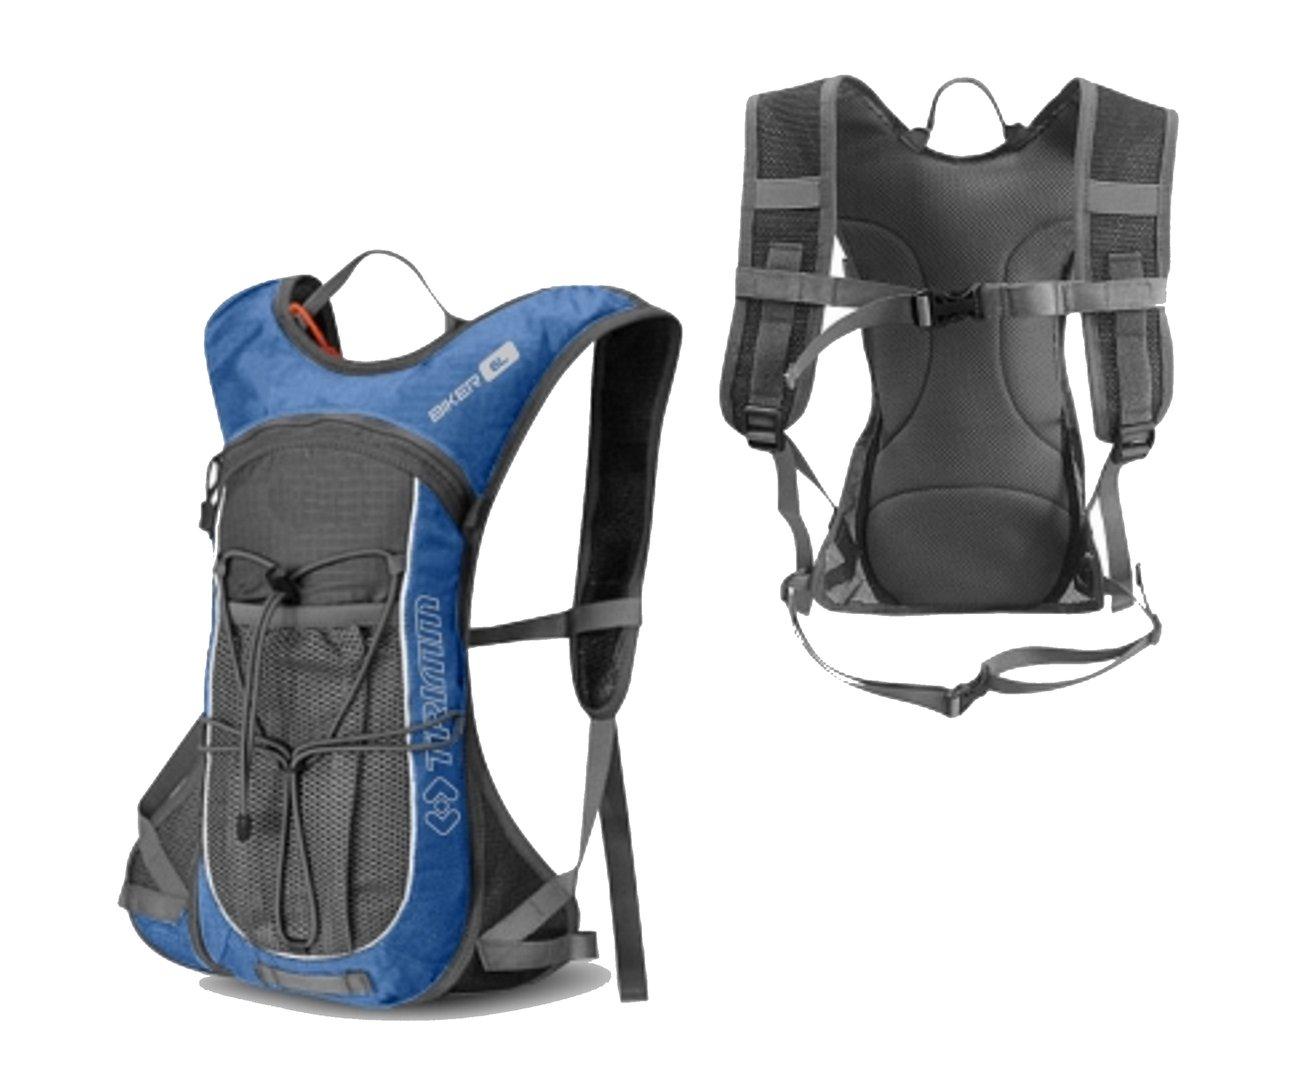 evoc rucksack cc bladder red 50 x 27 x 14 cm 6 liter 7015230133 pro. Black Bedroom Furniture Sets. Home Design Ideas